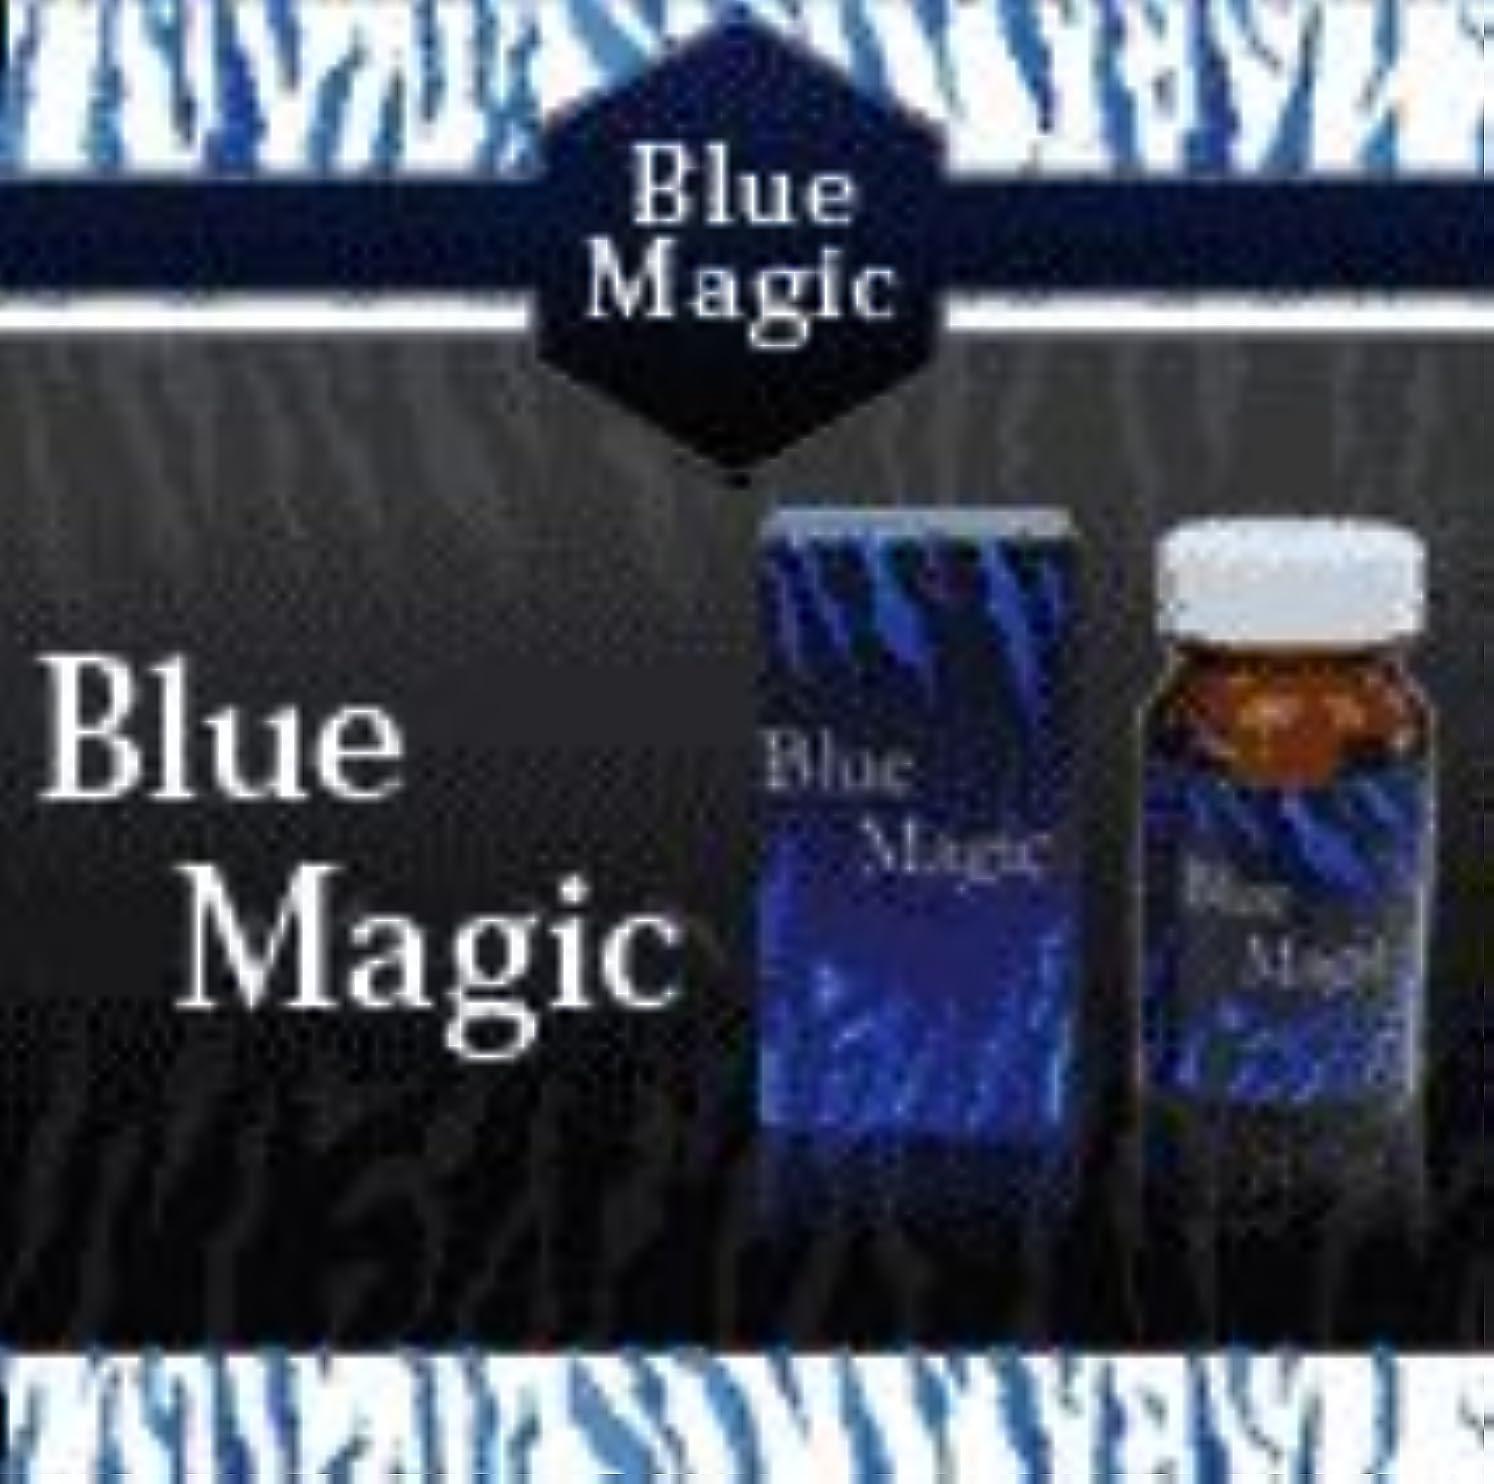 ハイジャックミケランジェロすばらしいです「Blue Magic」ブルーマジック (ダイエットサプリメント) 5個セット